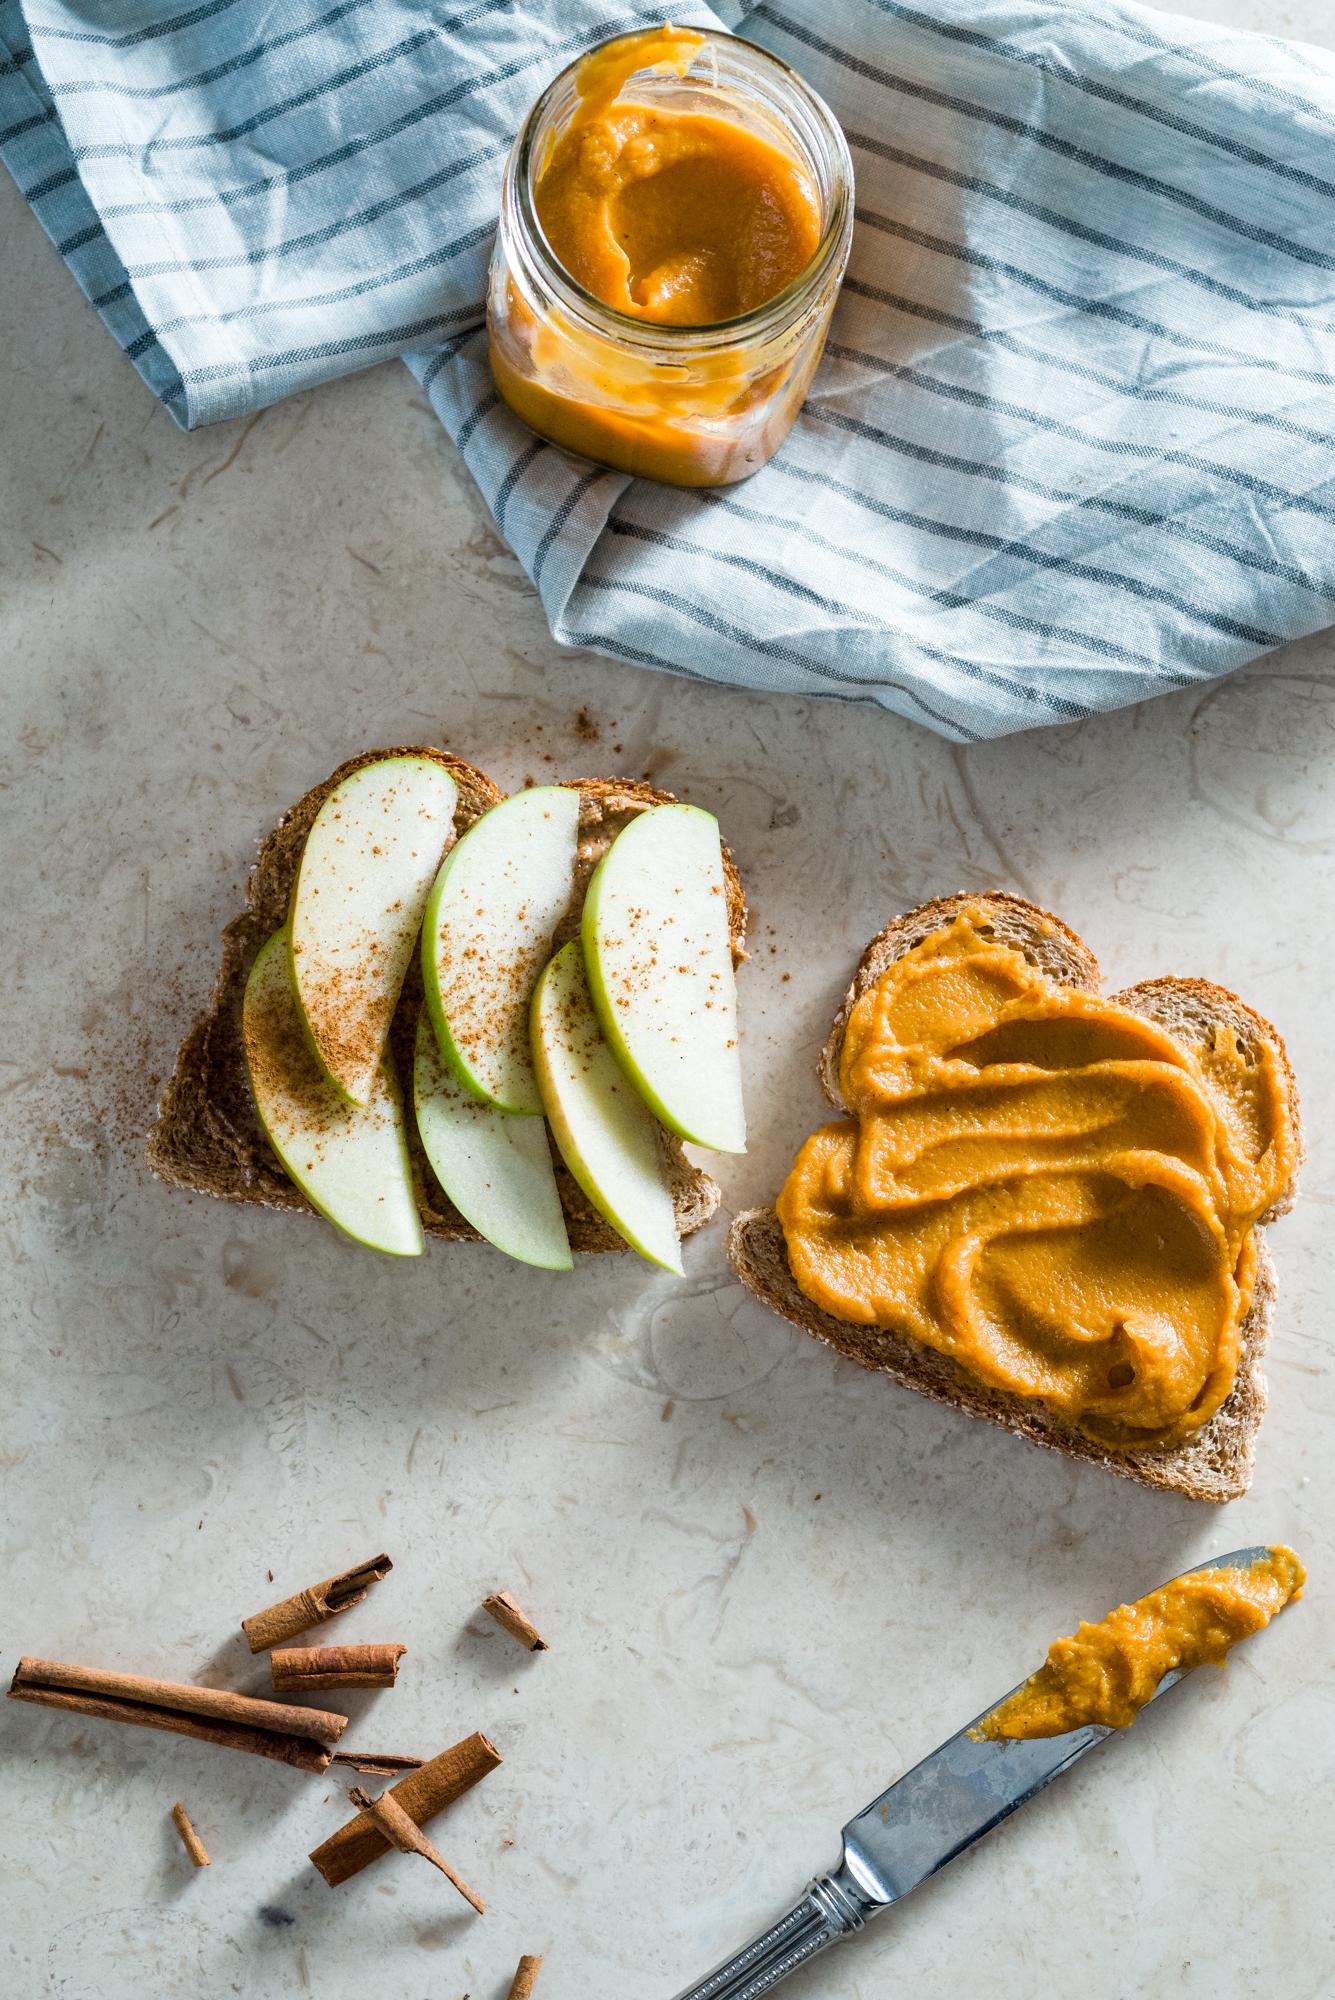 Eden-Foods-Sweet-Potato-Butter-017.jpg